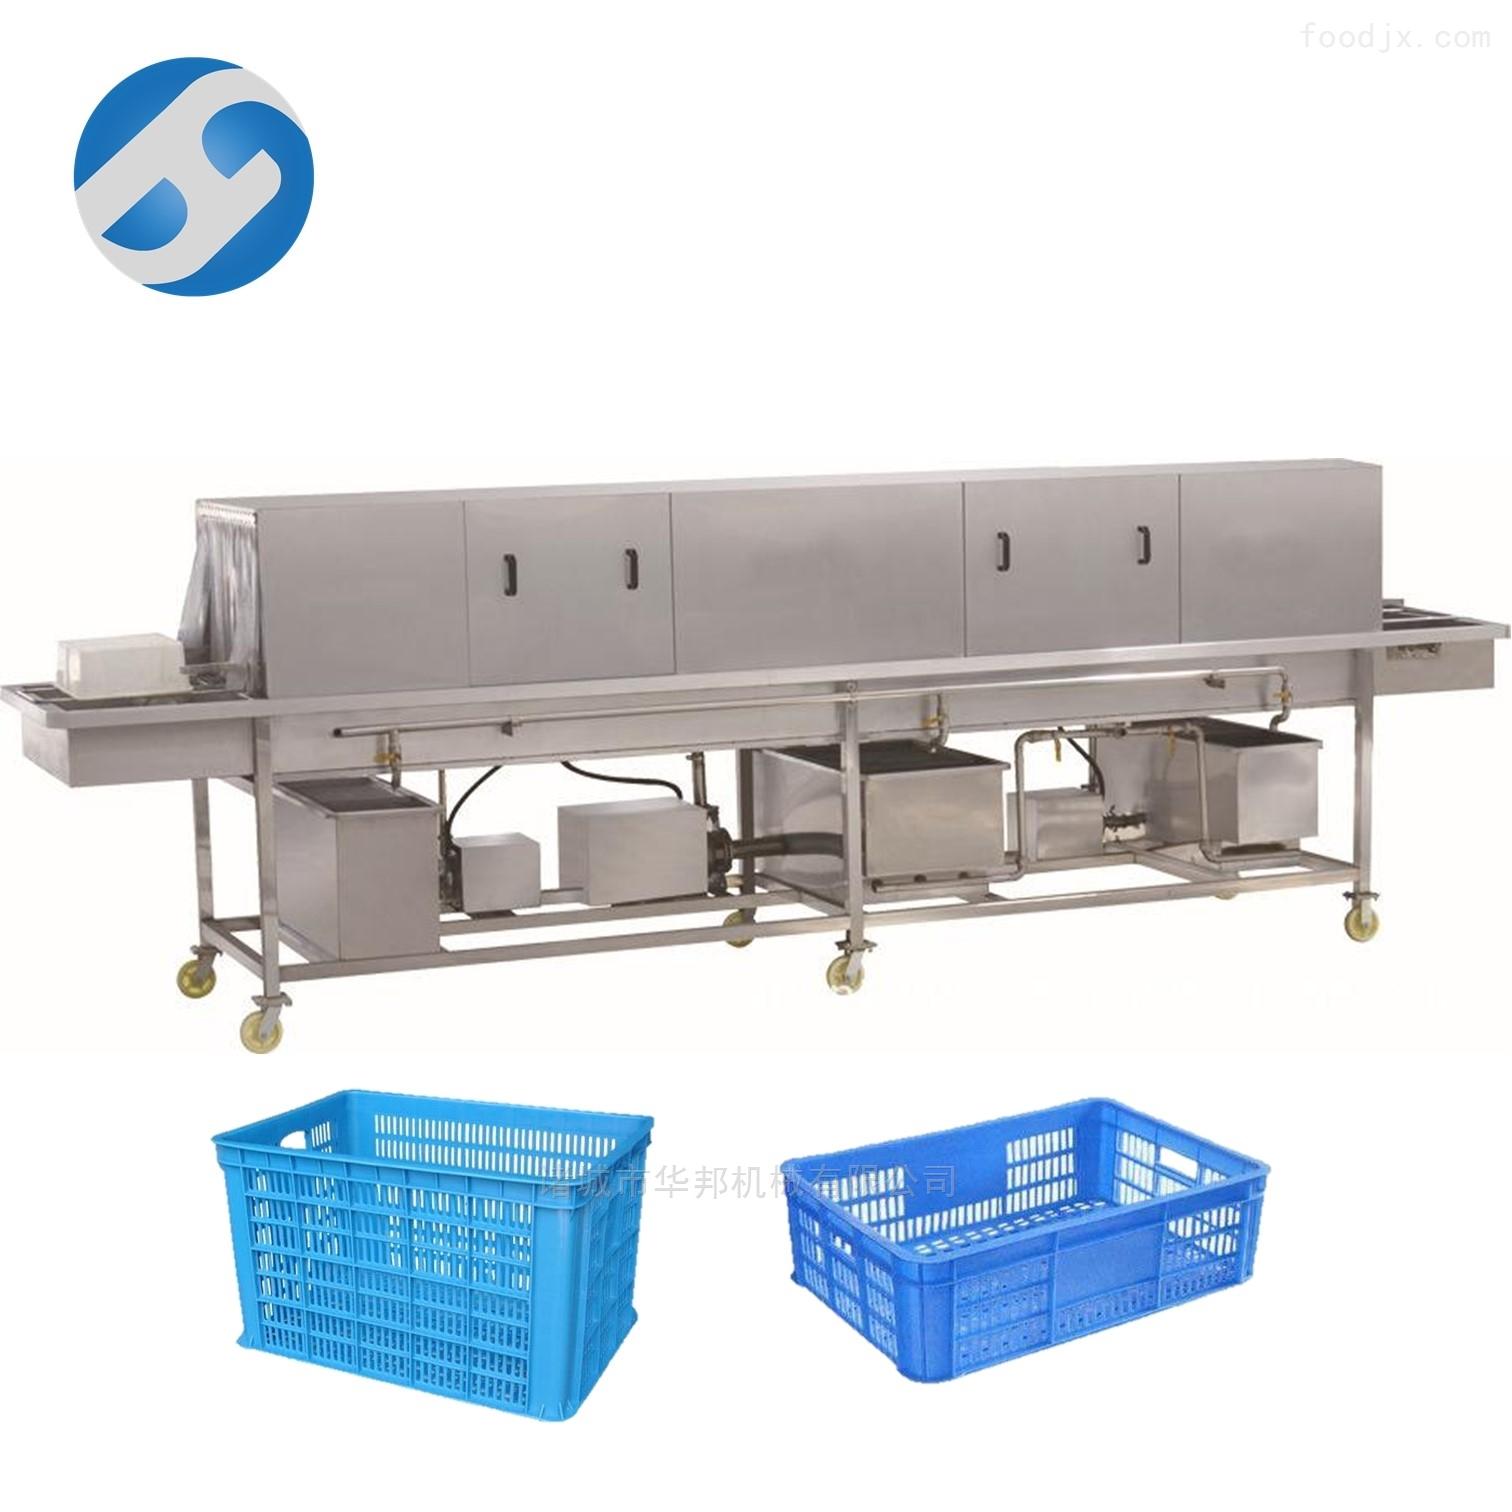 蔬菜周转筐清洗机 熟料托盘专用清洗设备